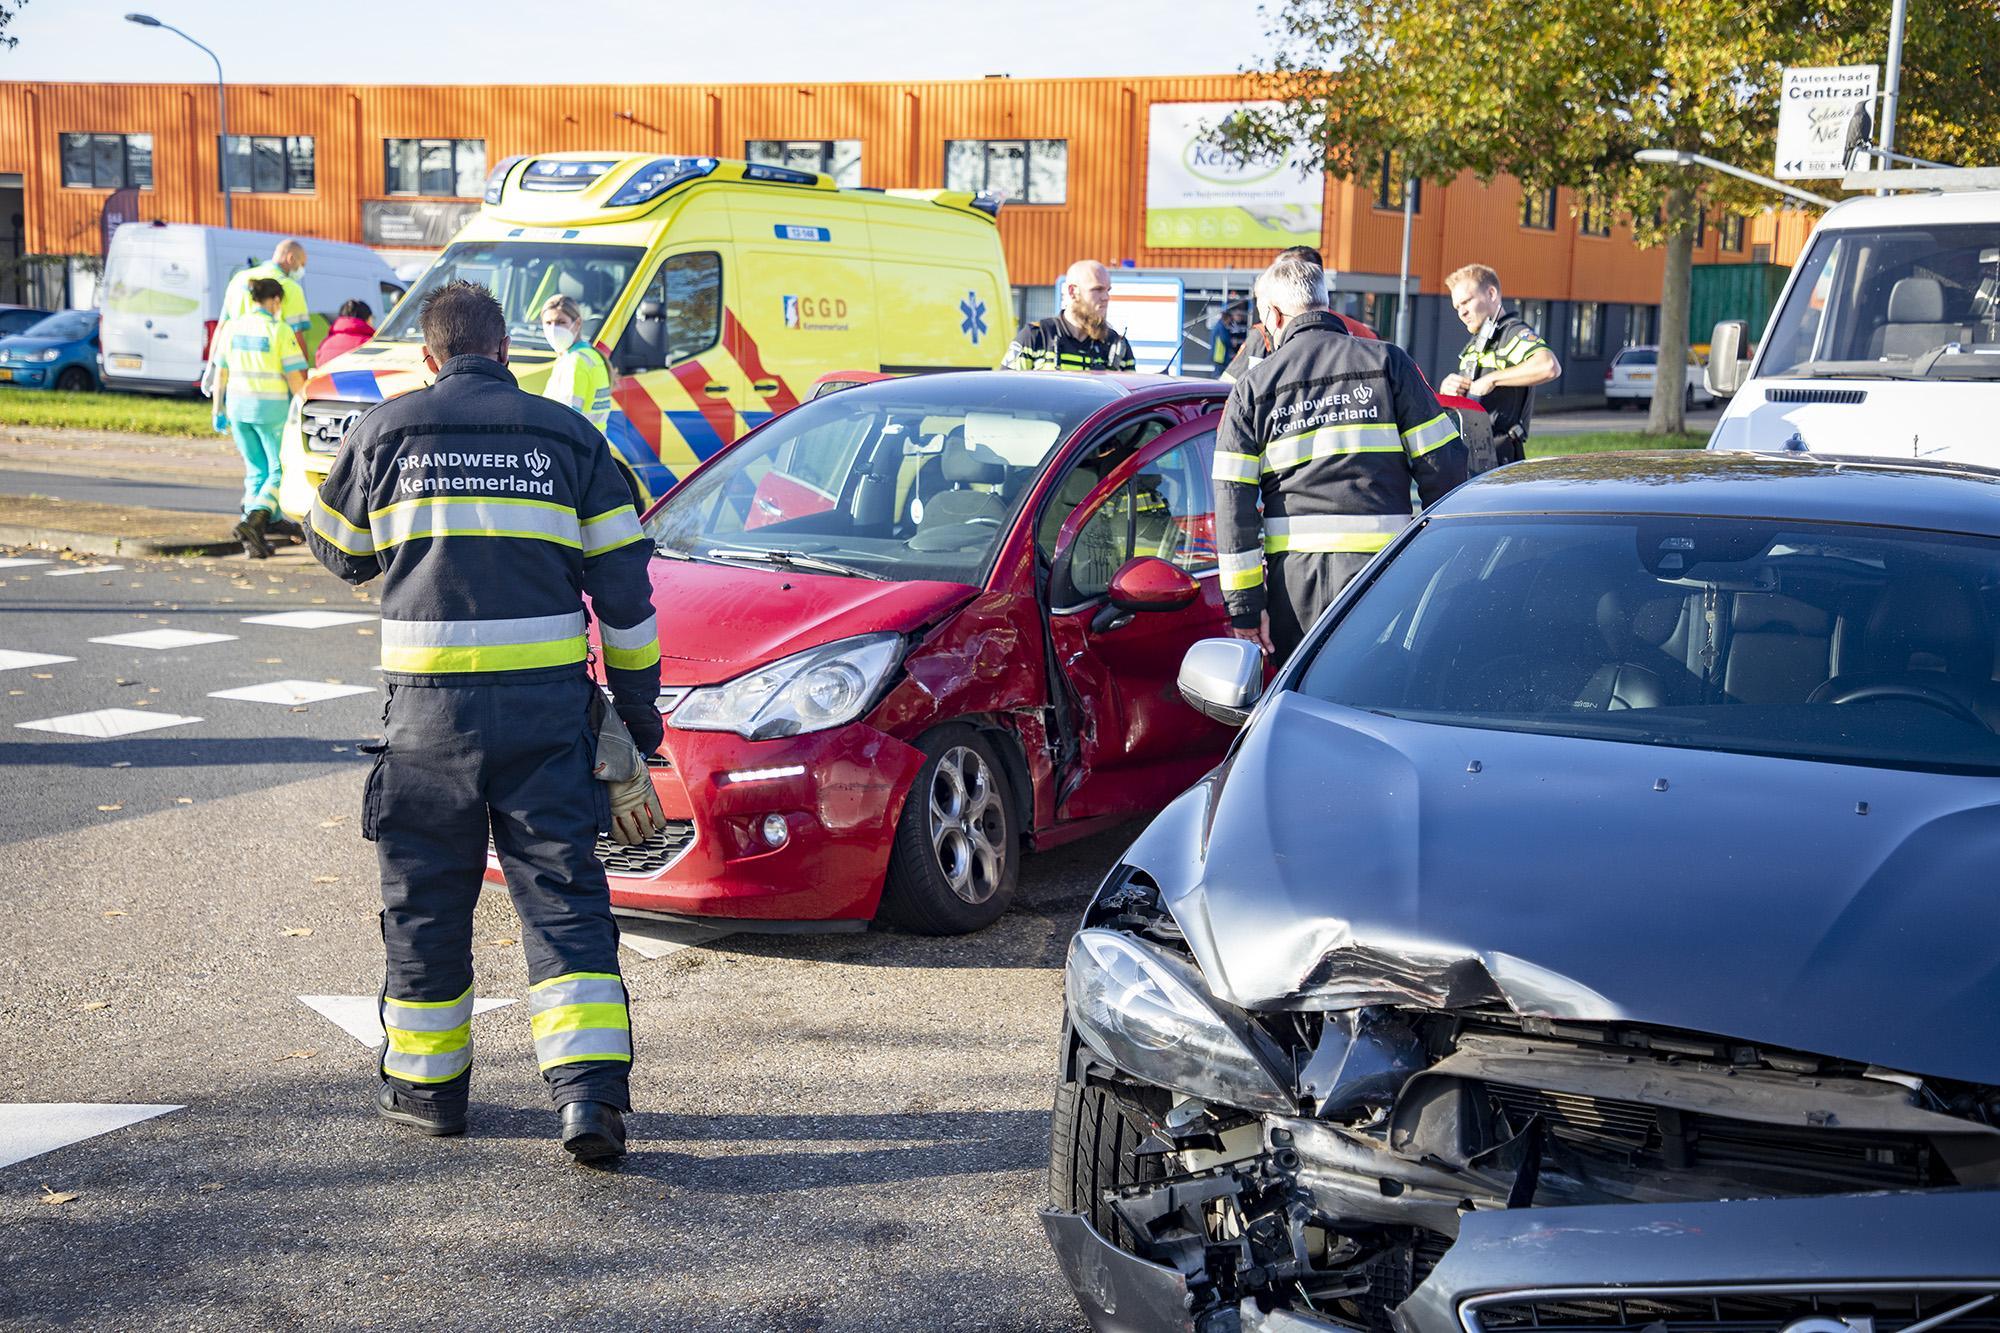 Veel schade bij aanrijding met twee auto's in Haarlemse Waarderpolder